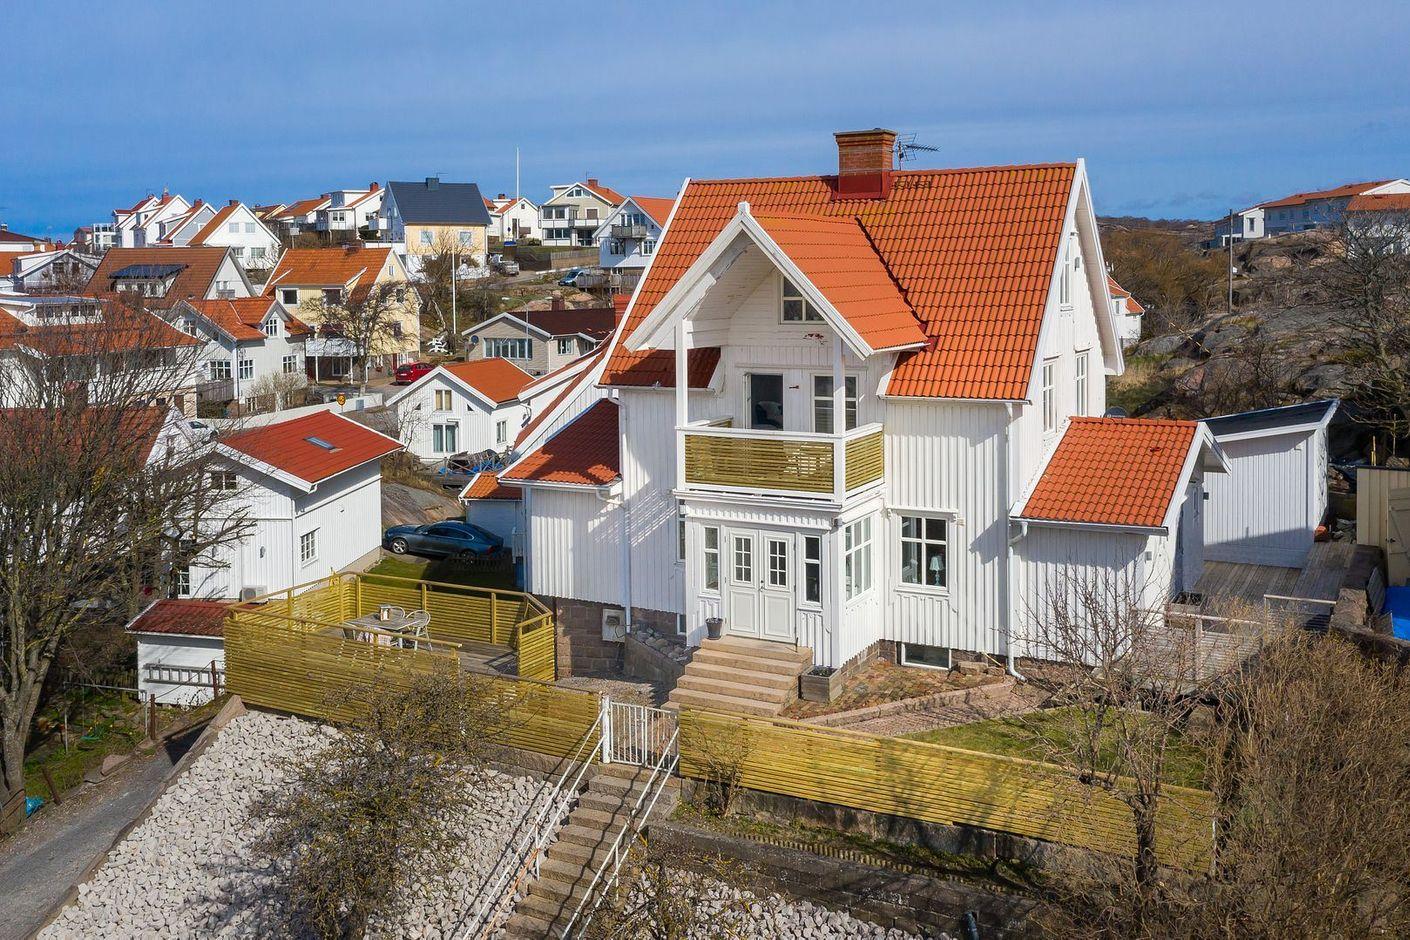 Par sker kille Sverige Vstra Gtalands ln - BodyContact